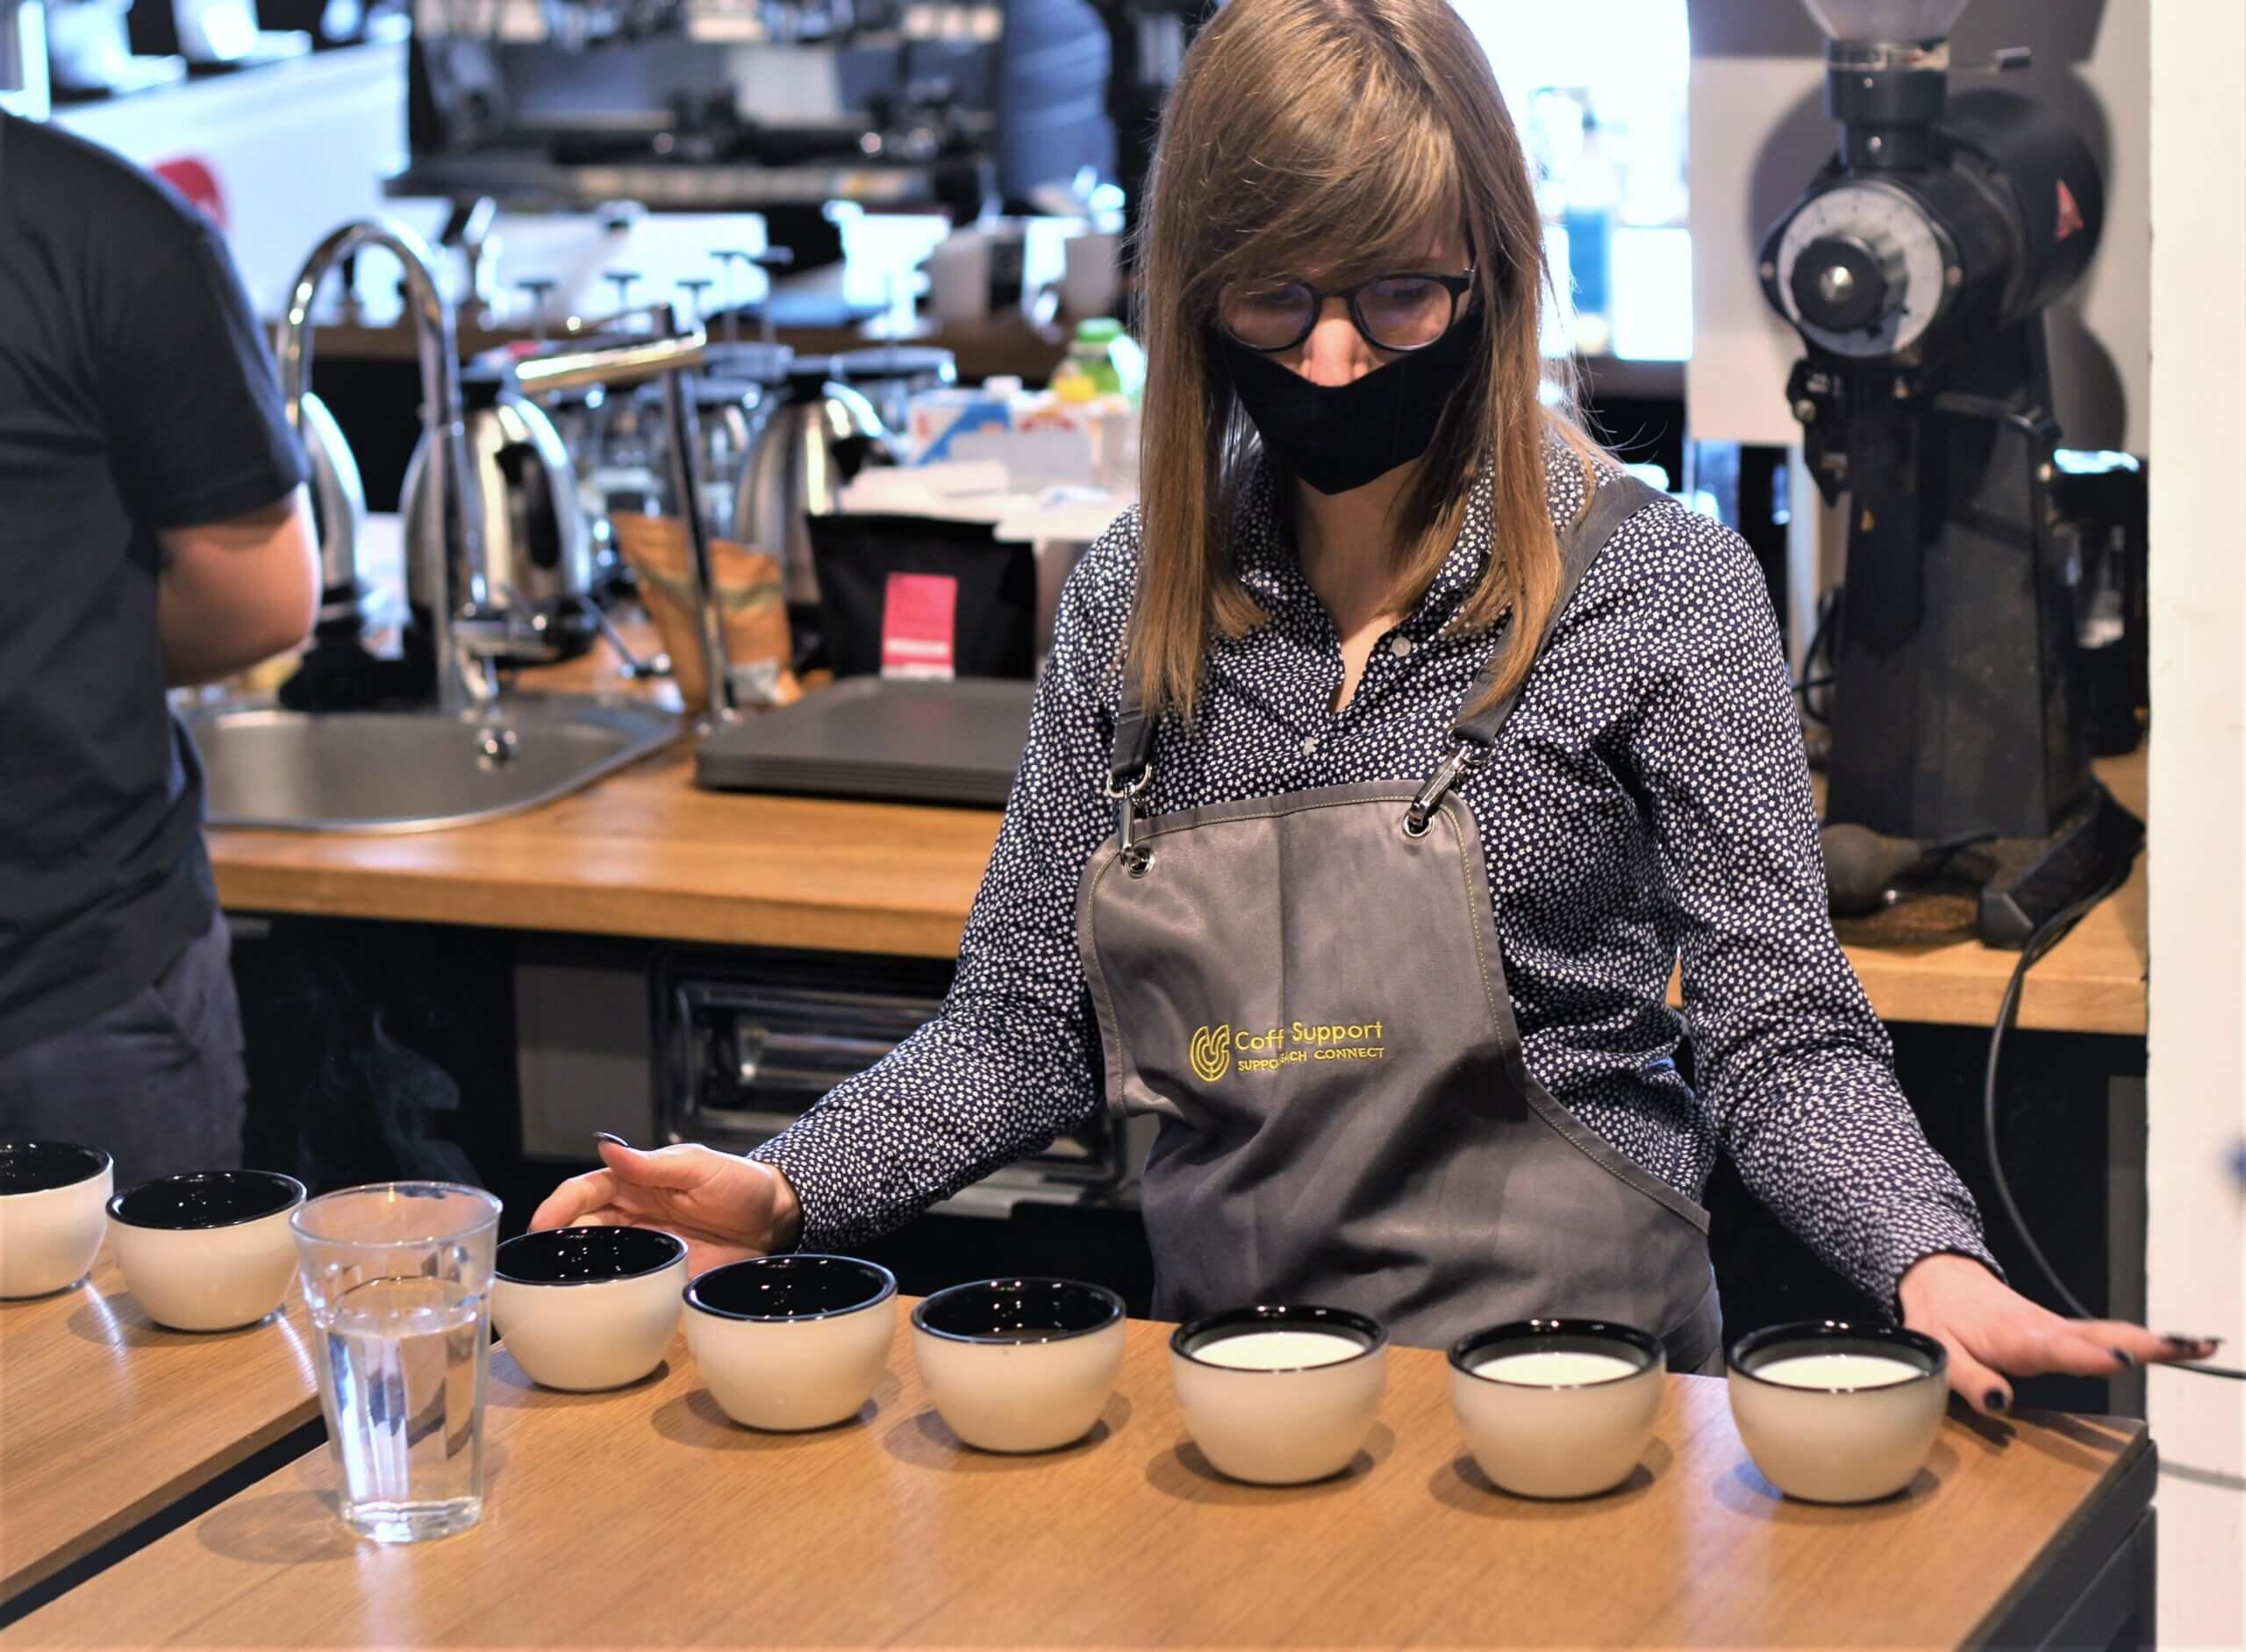 Szkolenia z Coffee Support w Szczecinie